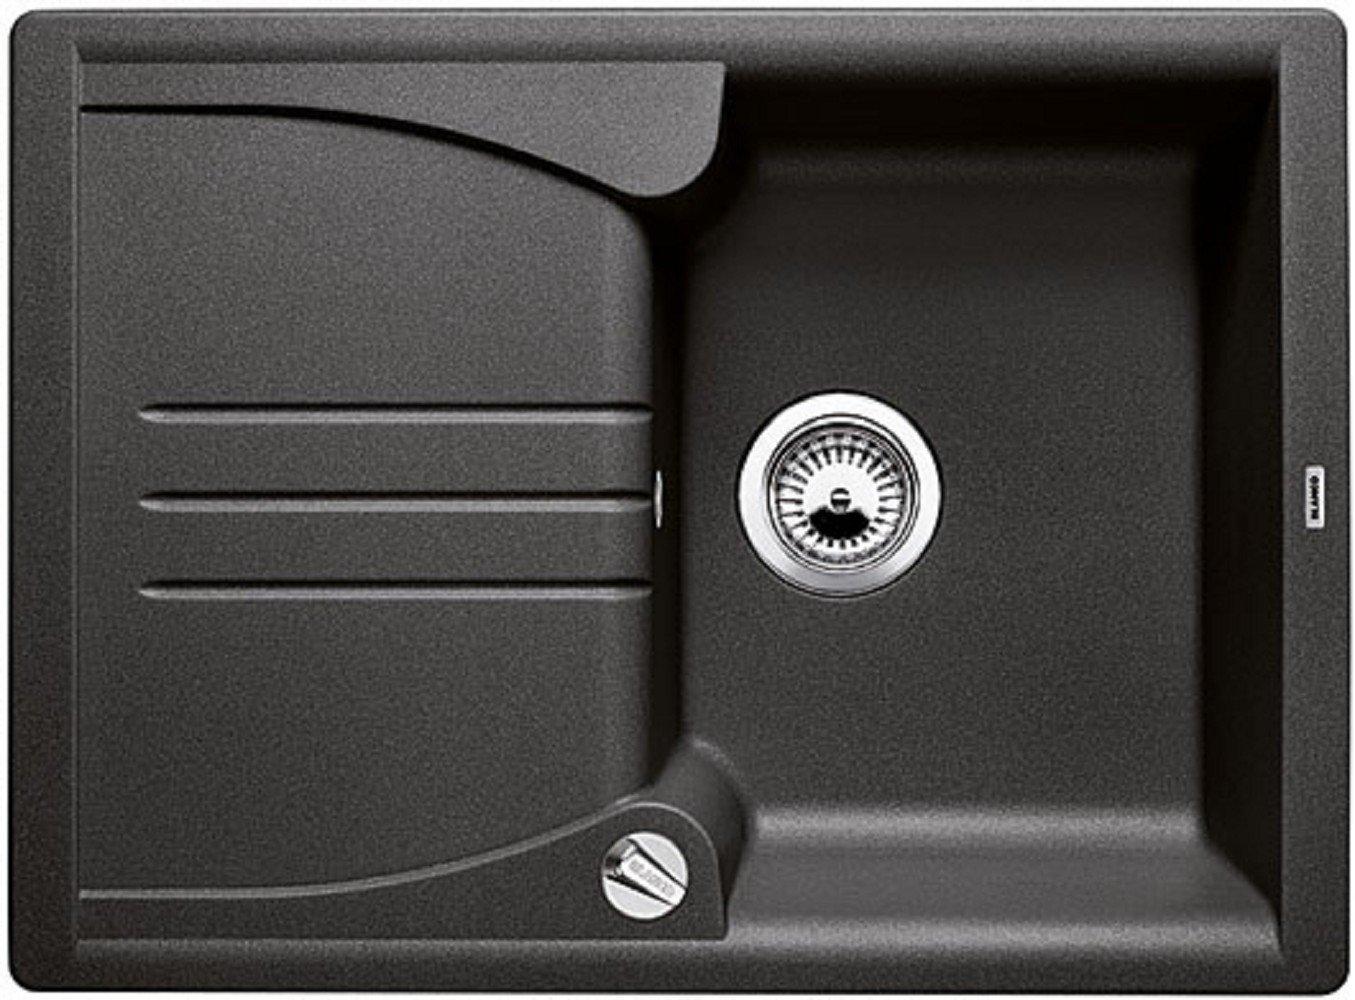 Blanco Enos 40 S Anthrazit Grau Auflage GranitSpüle Einbauspüle Küche Spültisch  BaumarktKritiken und weitere Informationen